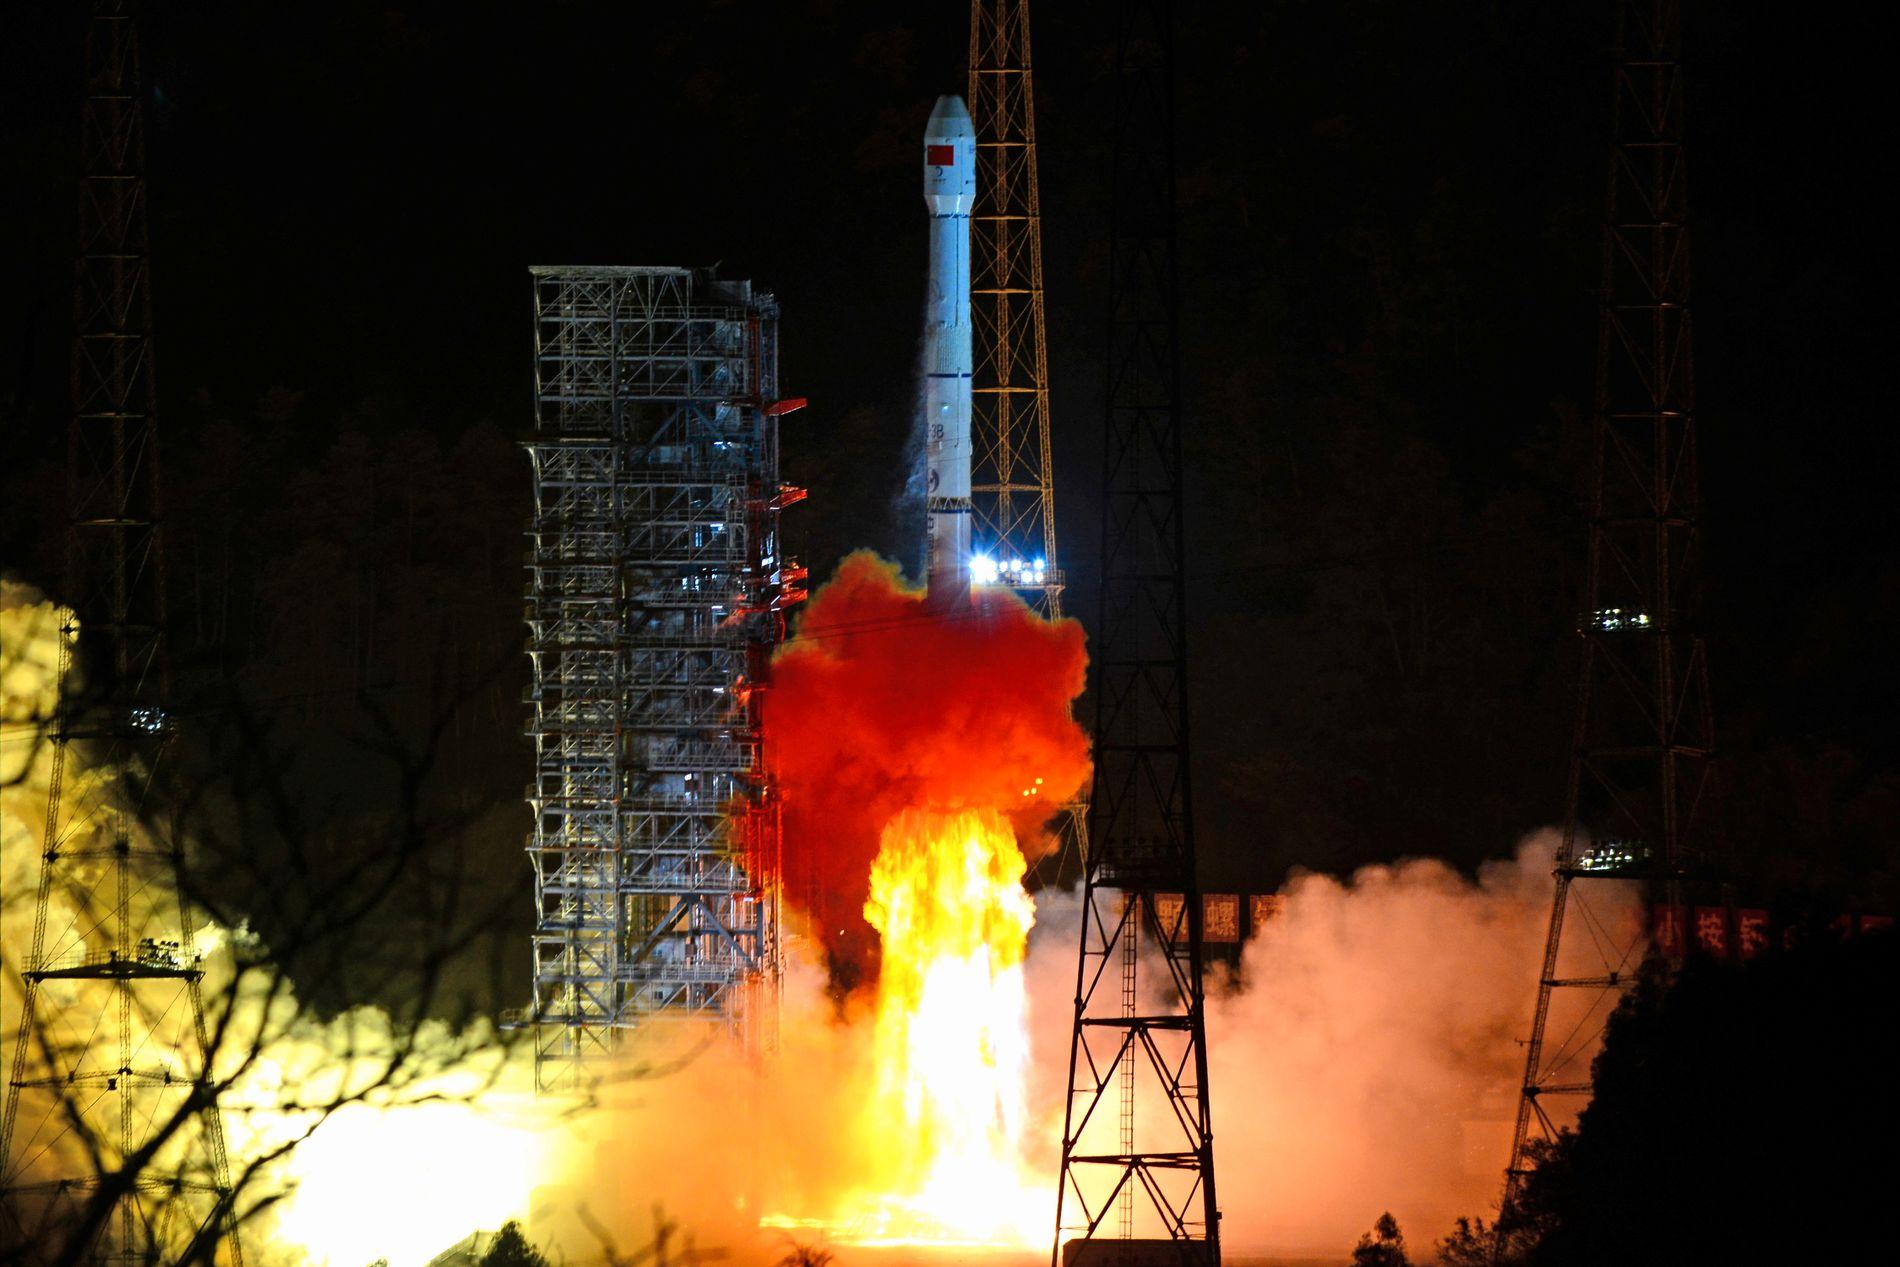 OPPSKYTING: En rakett som frakter Chang'e 4-sonden ble skutt opp fra Kina 8. desember.